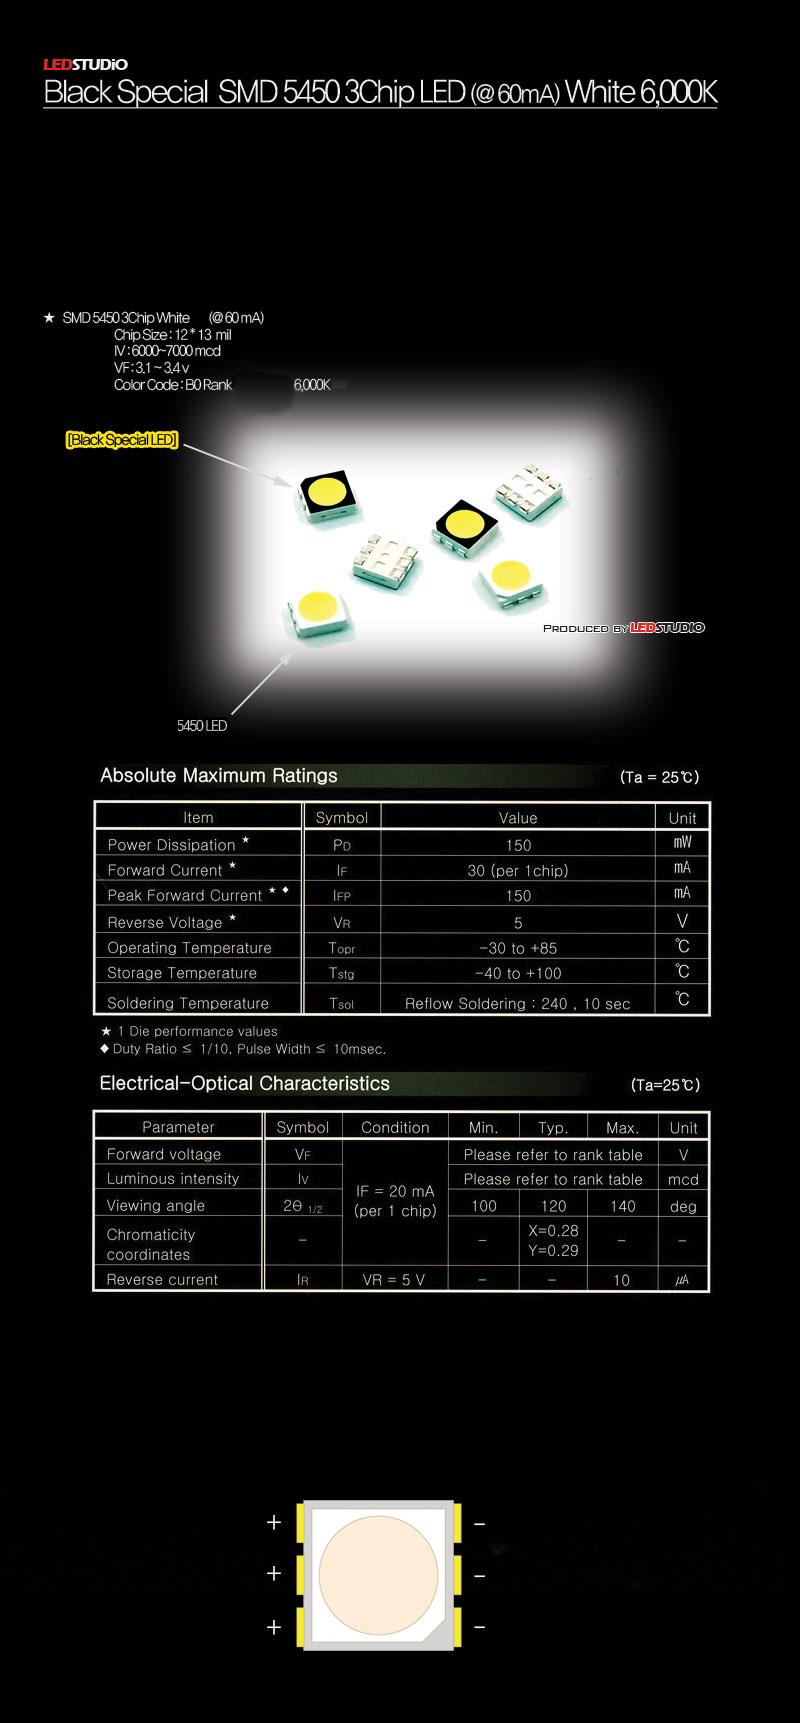 Светодиод 5450 3-чип БЕЛЫЙ 6000К (LEDSTUDIO) BLACK SPECIAL